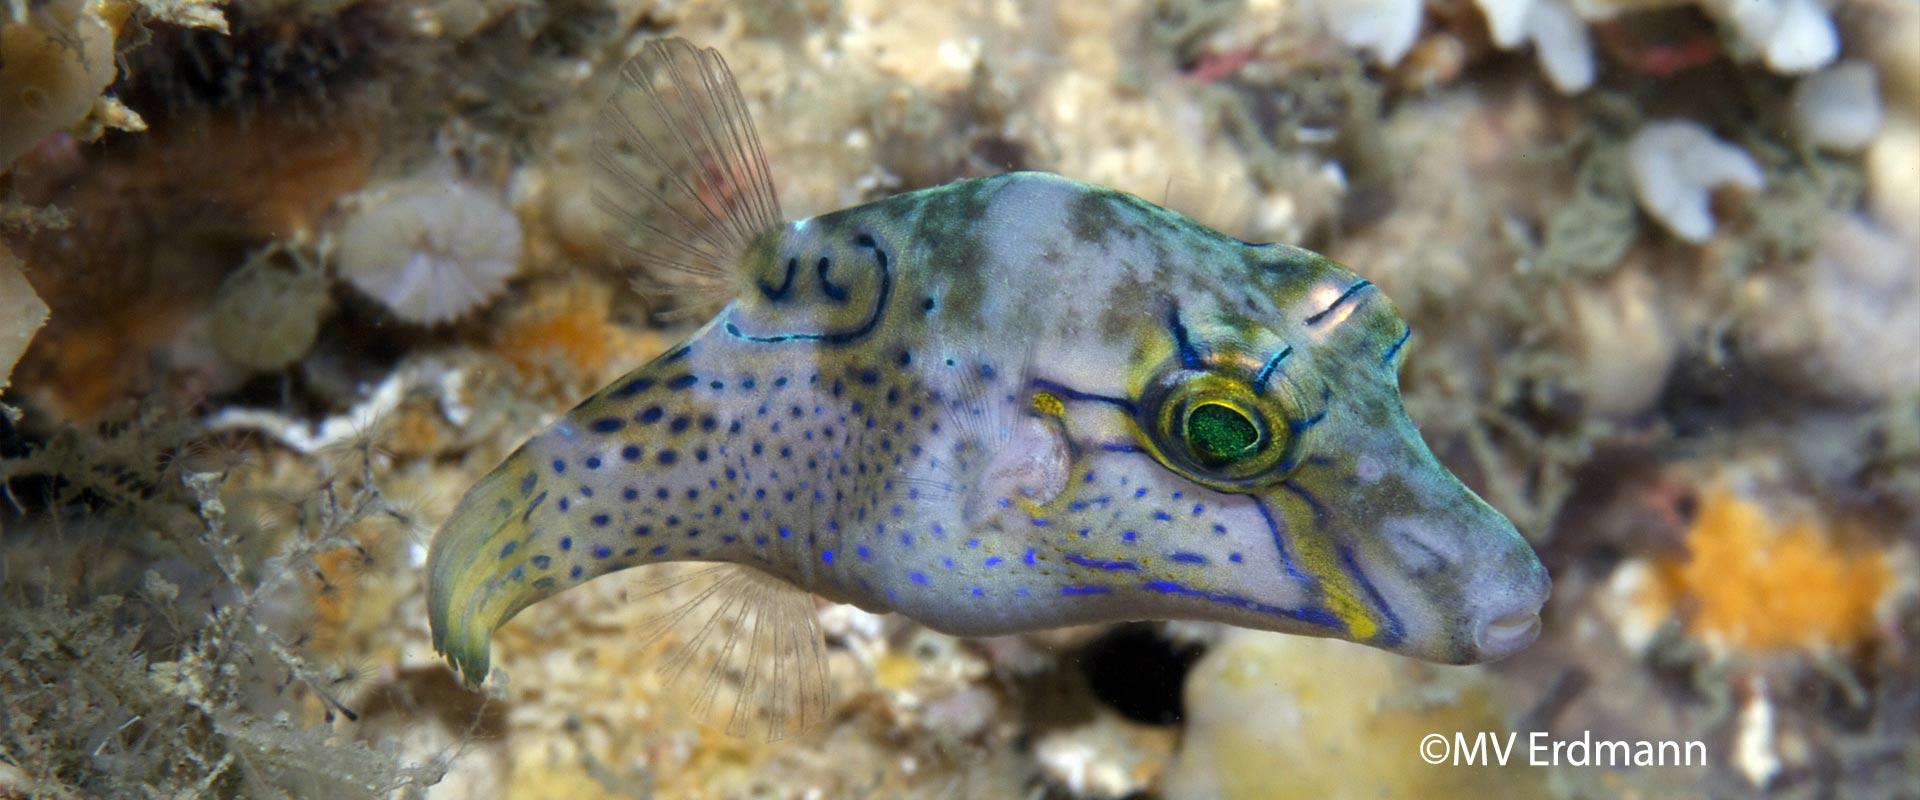 Fish-GeekMERMVE-header